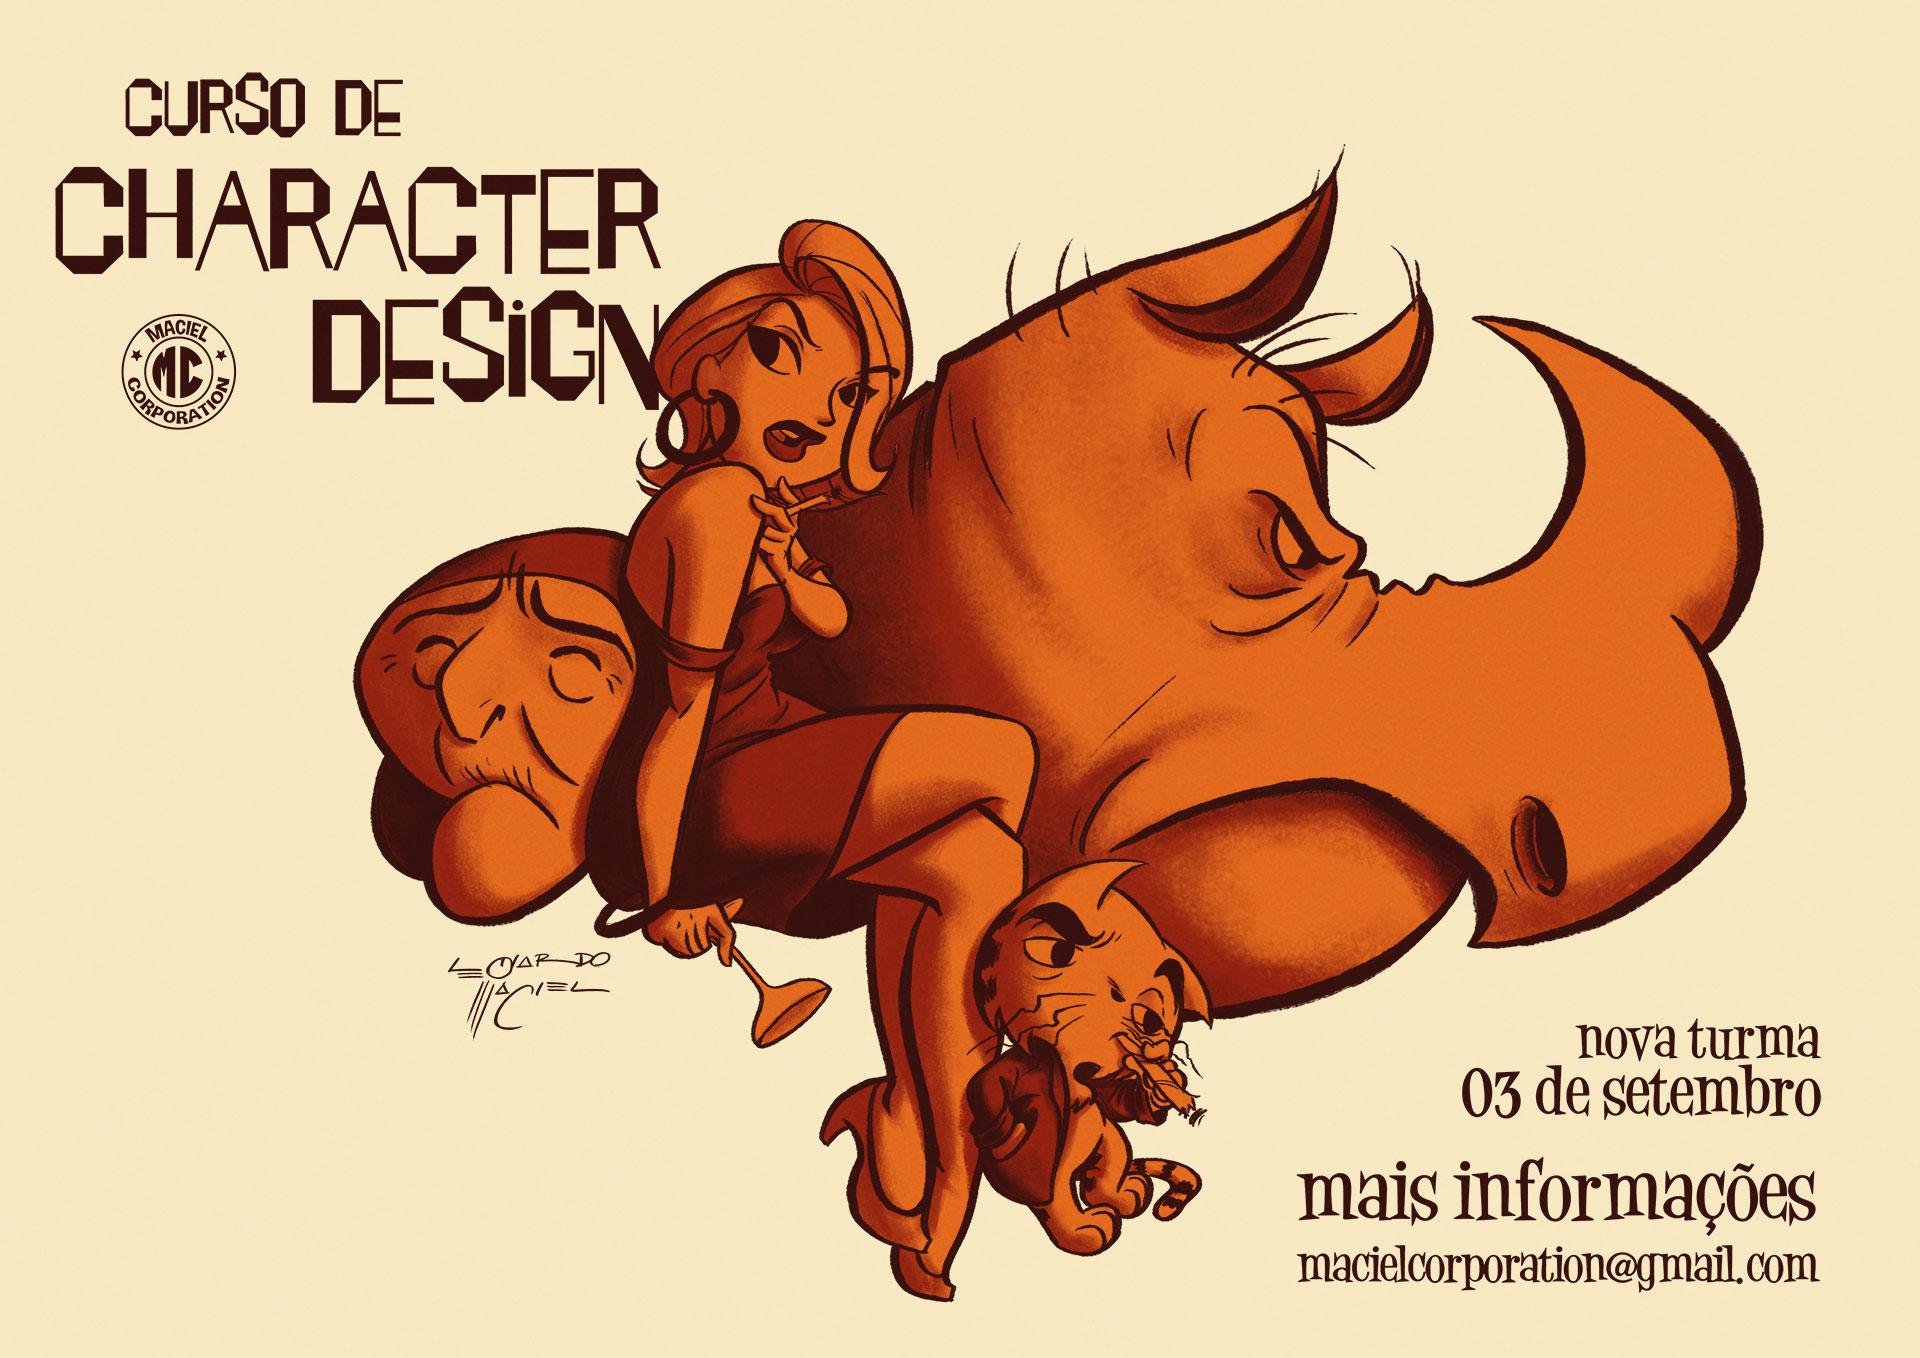 Poster Curso de Character Design